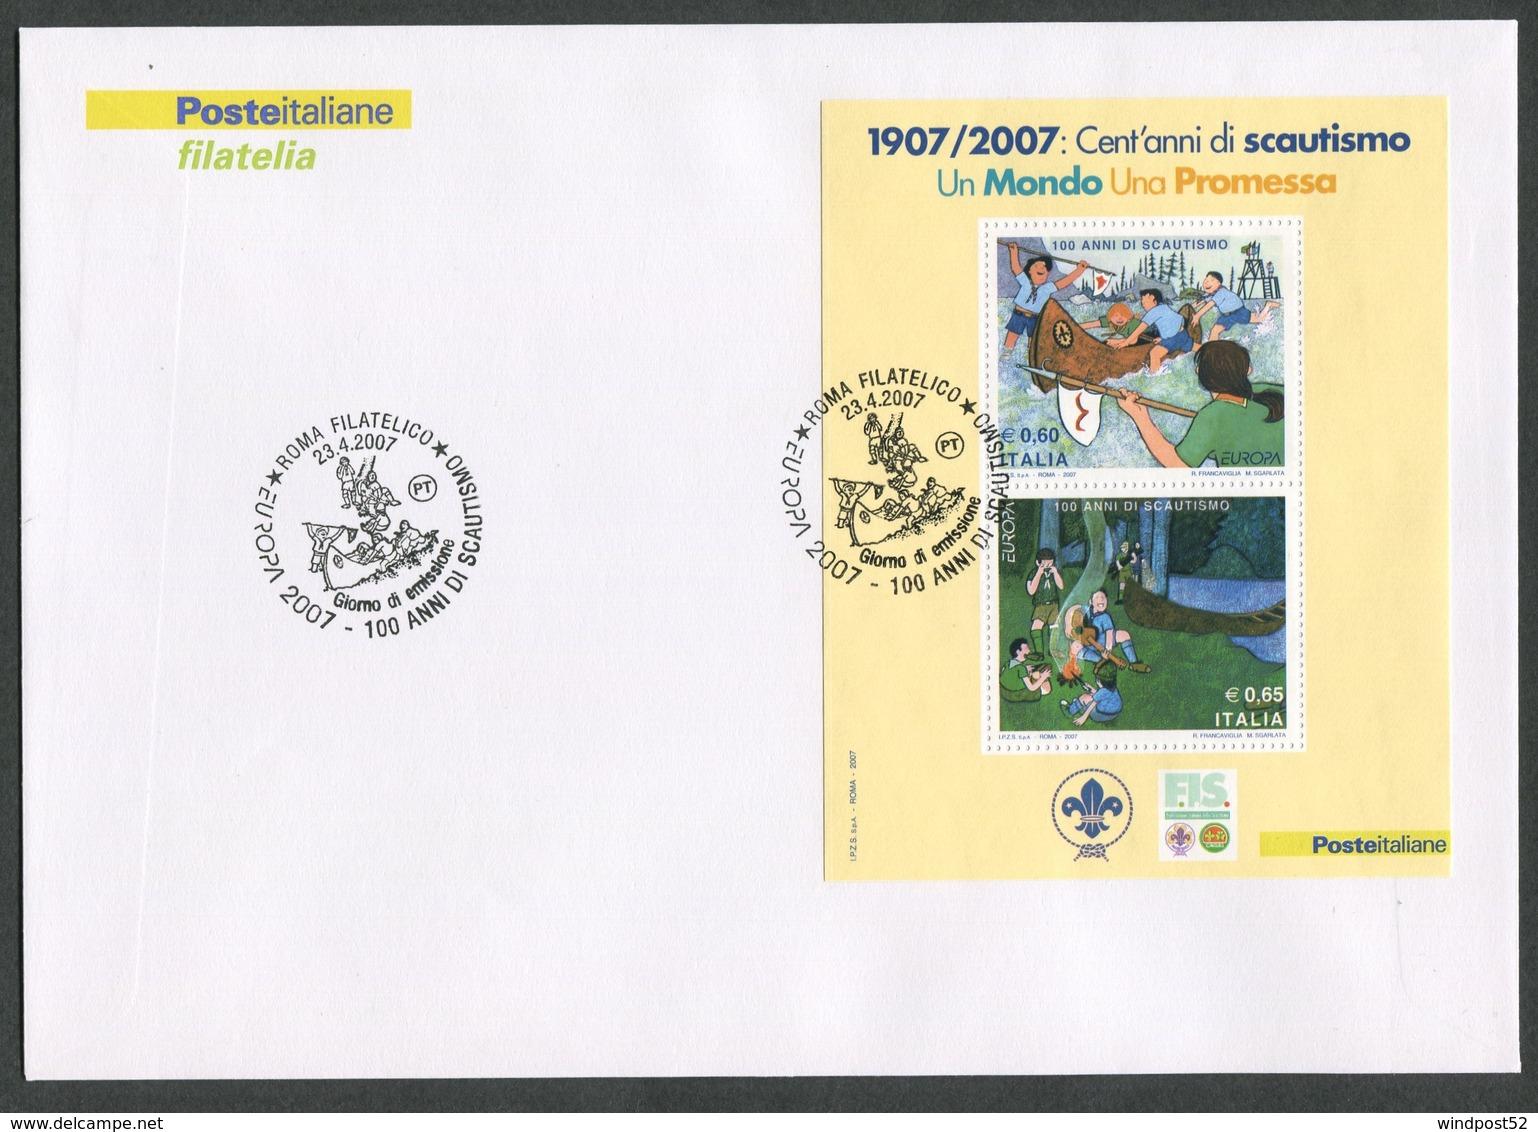 FDC ITALIA 2007 - BUSTONE CON FOGLIETTO - EUROPA CEPT 2007 - 100 ANNI DI SCAUTISMO - 287 - F.D.C.